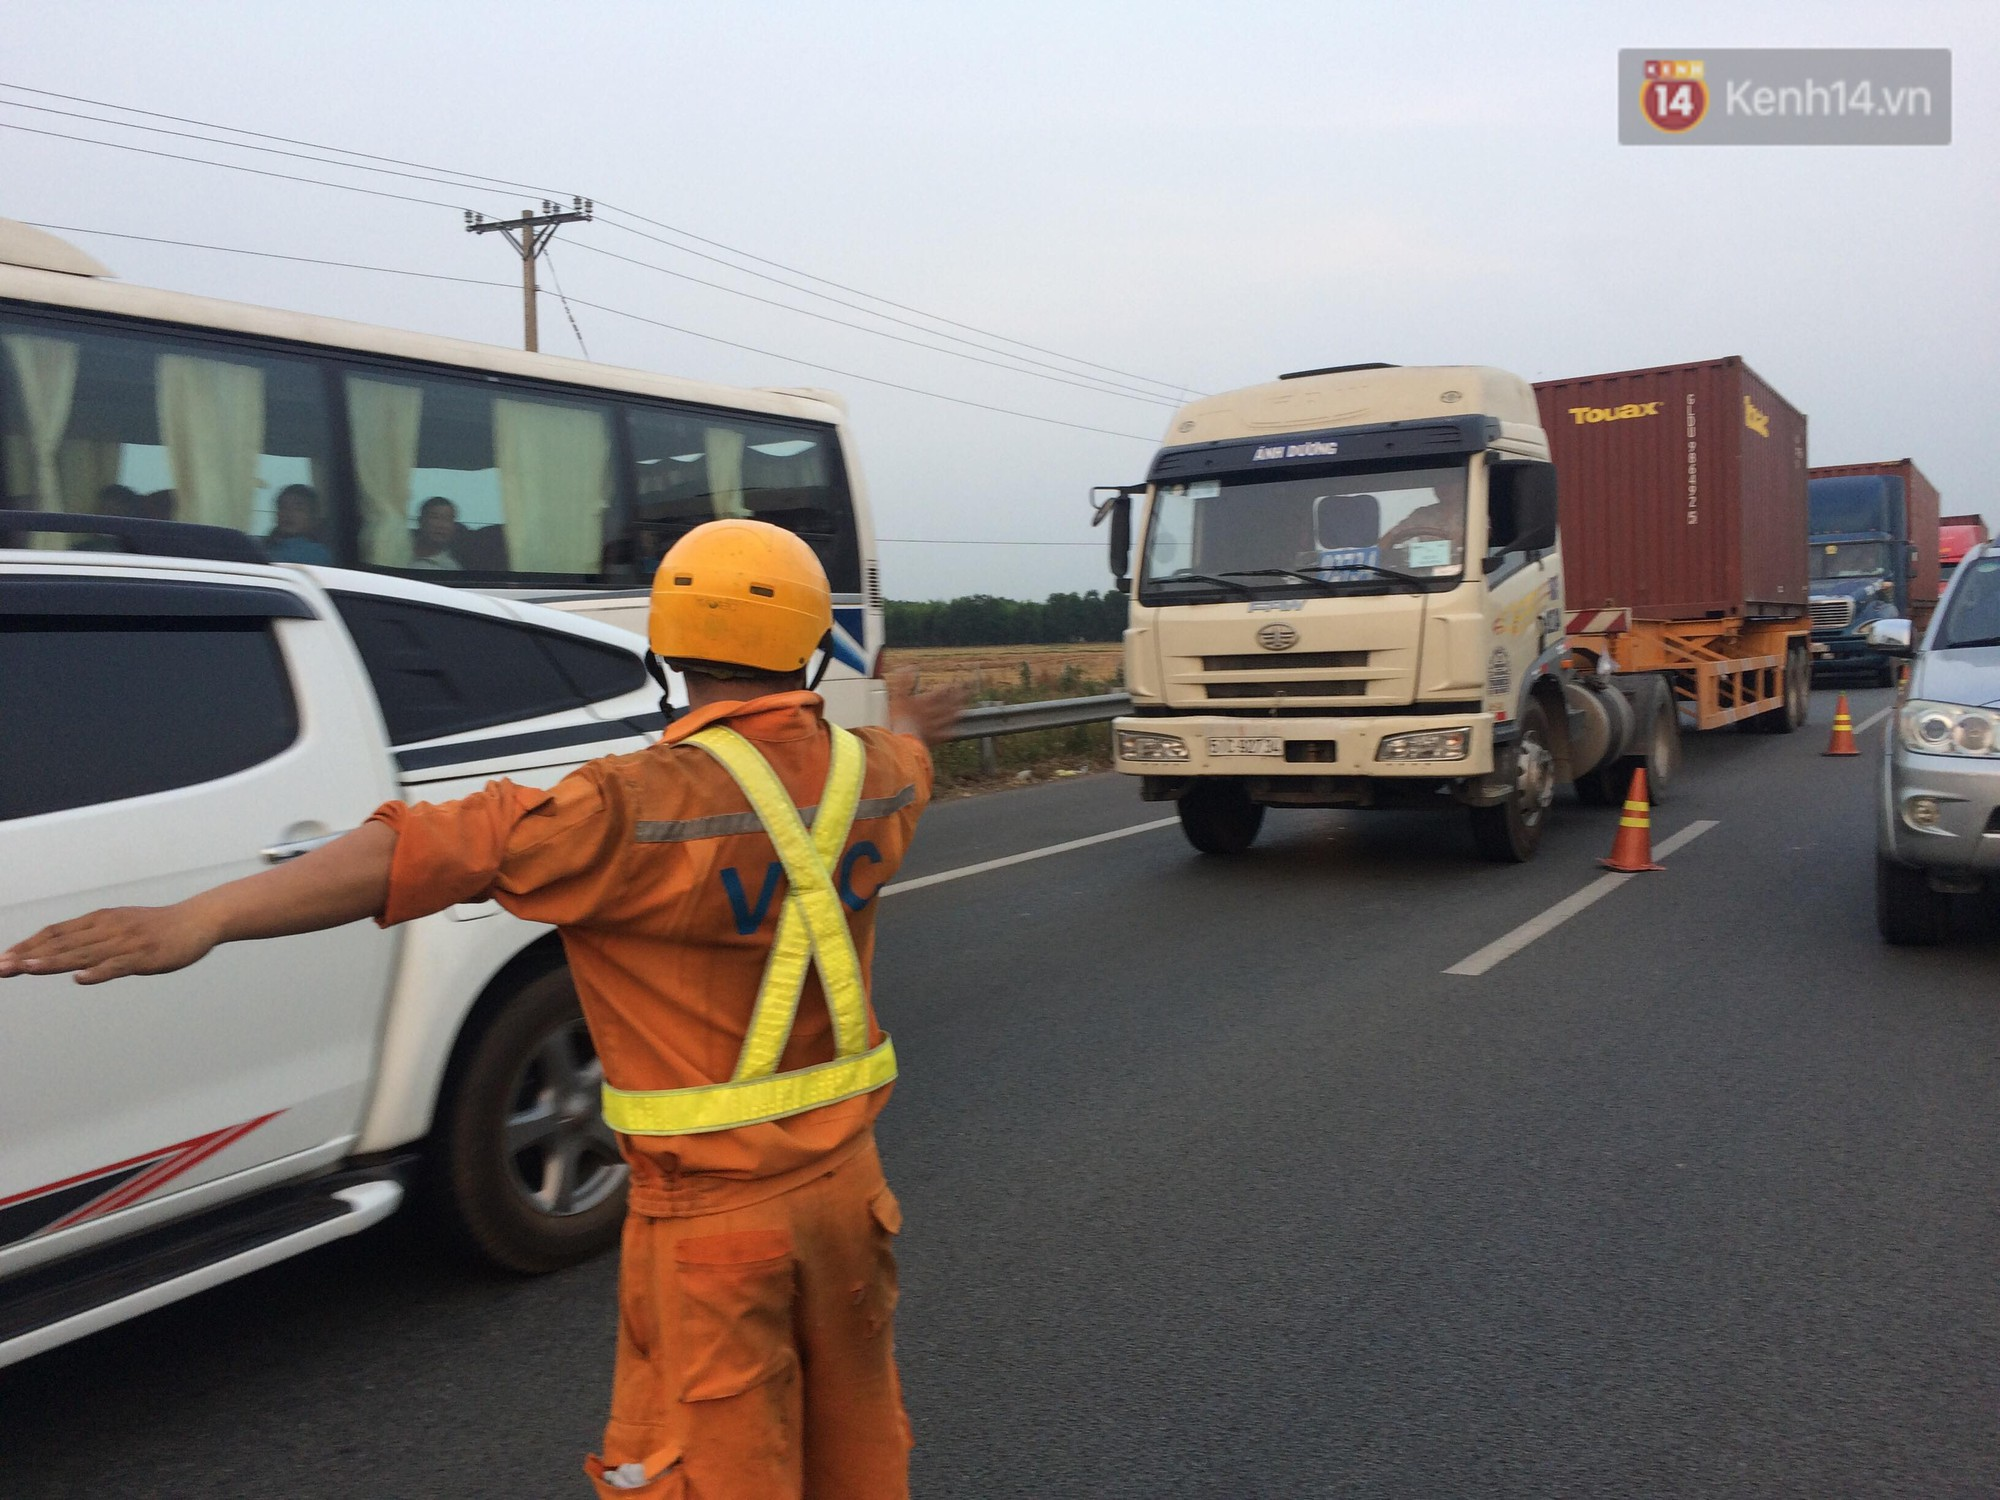 Chùm ảnh: Hiện trường vụ tai nạn liên hoàn trên cao tốc Long Thành - Dầu Giây vì khói rơm rạ mù mịt tấn công - Ảnh 14.